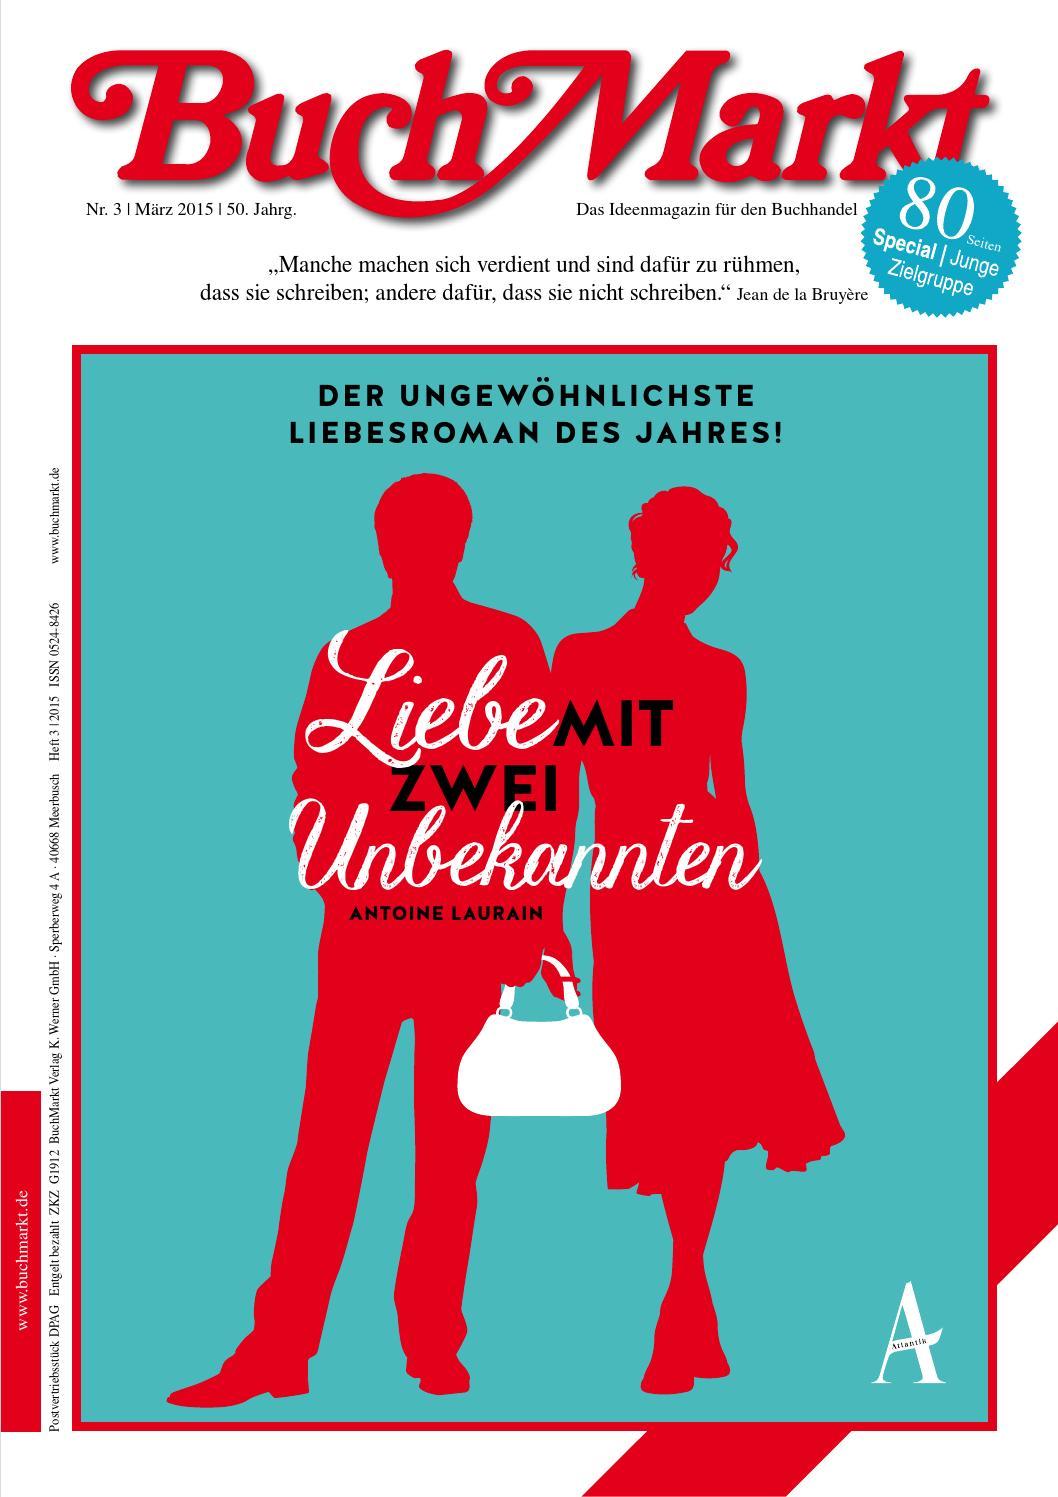 Buchmarkt Leseprobe Verlagsanzeigen 032015 By Buchmarkt Issuu